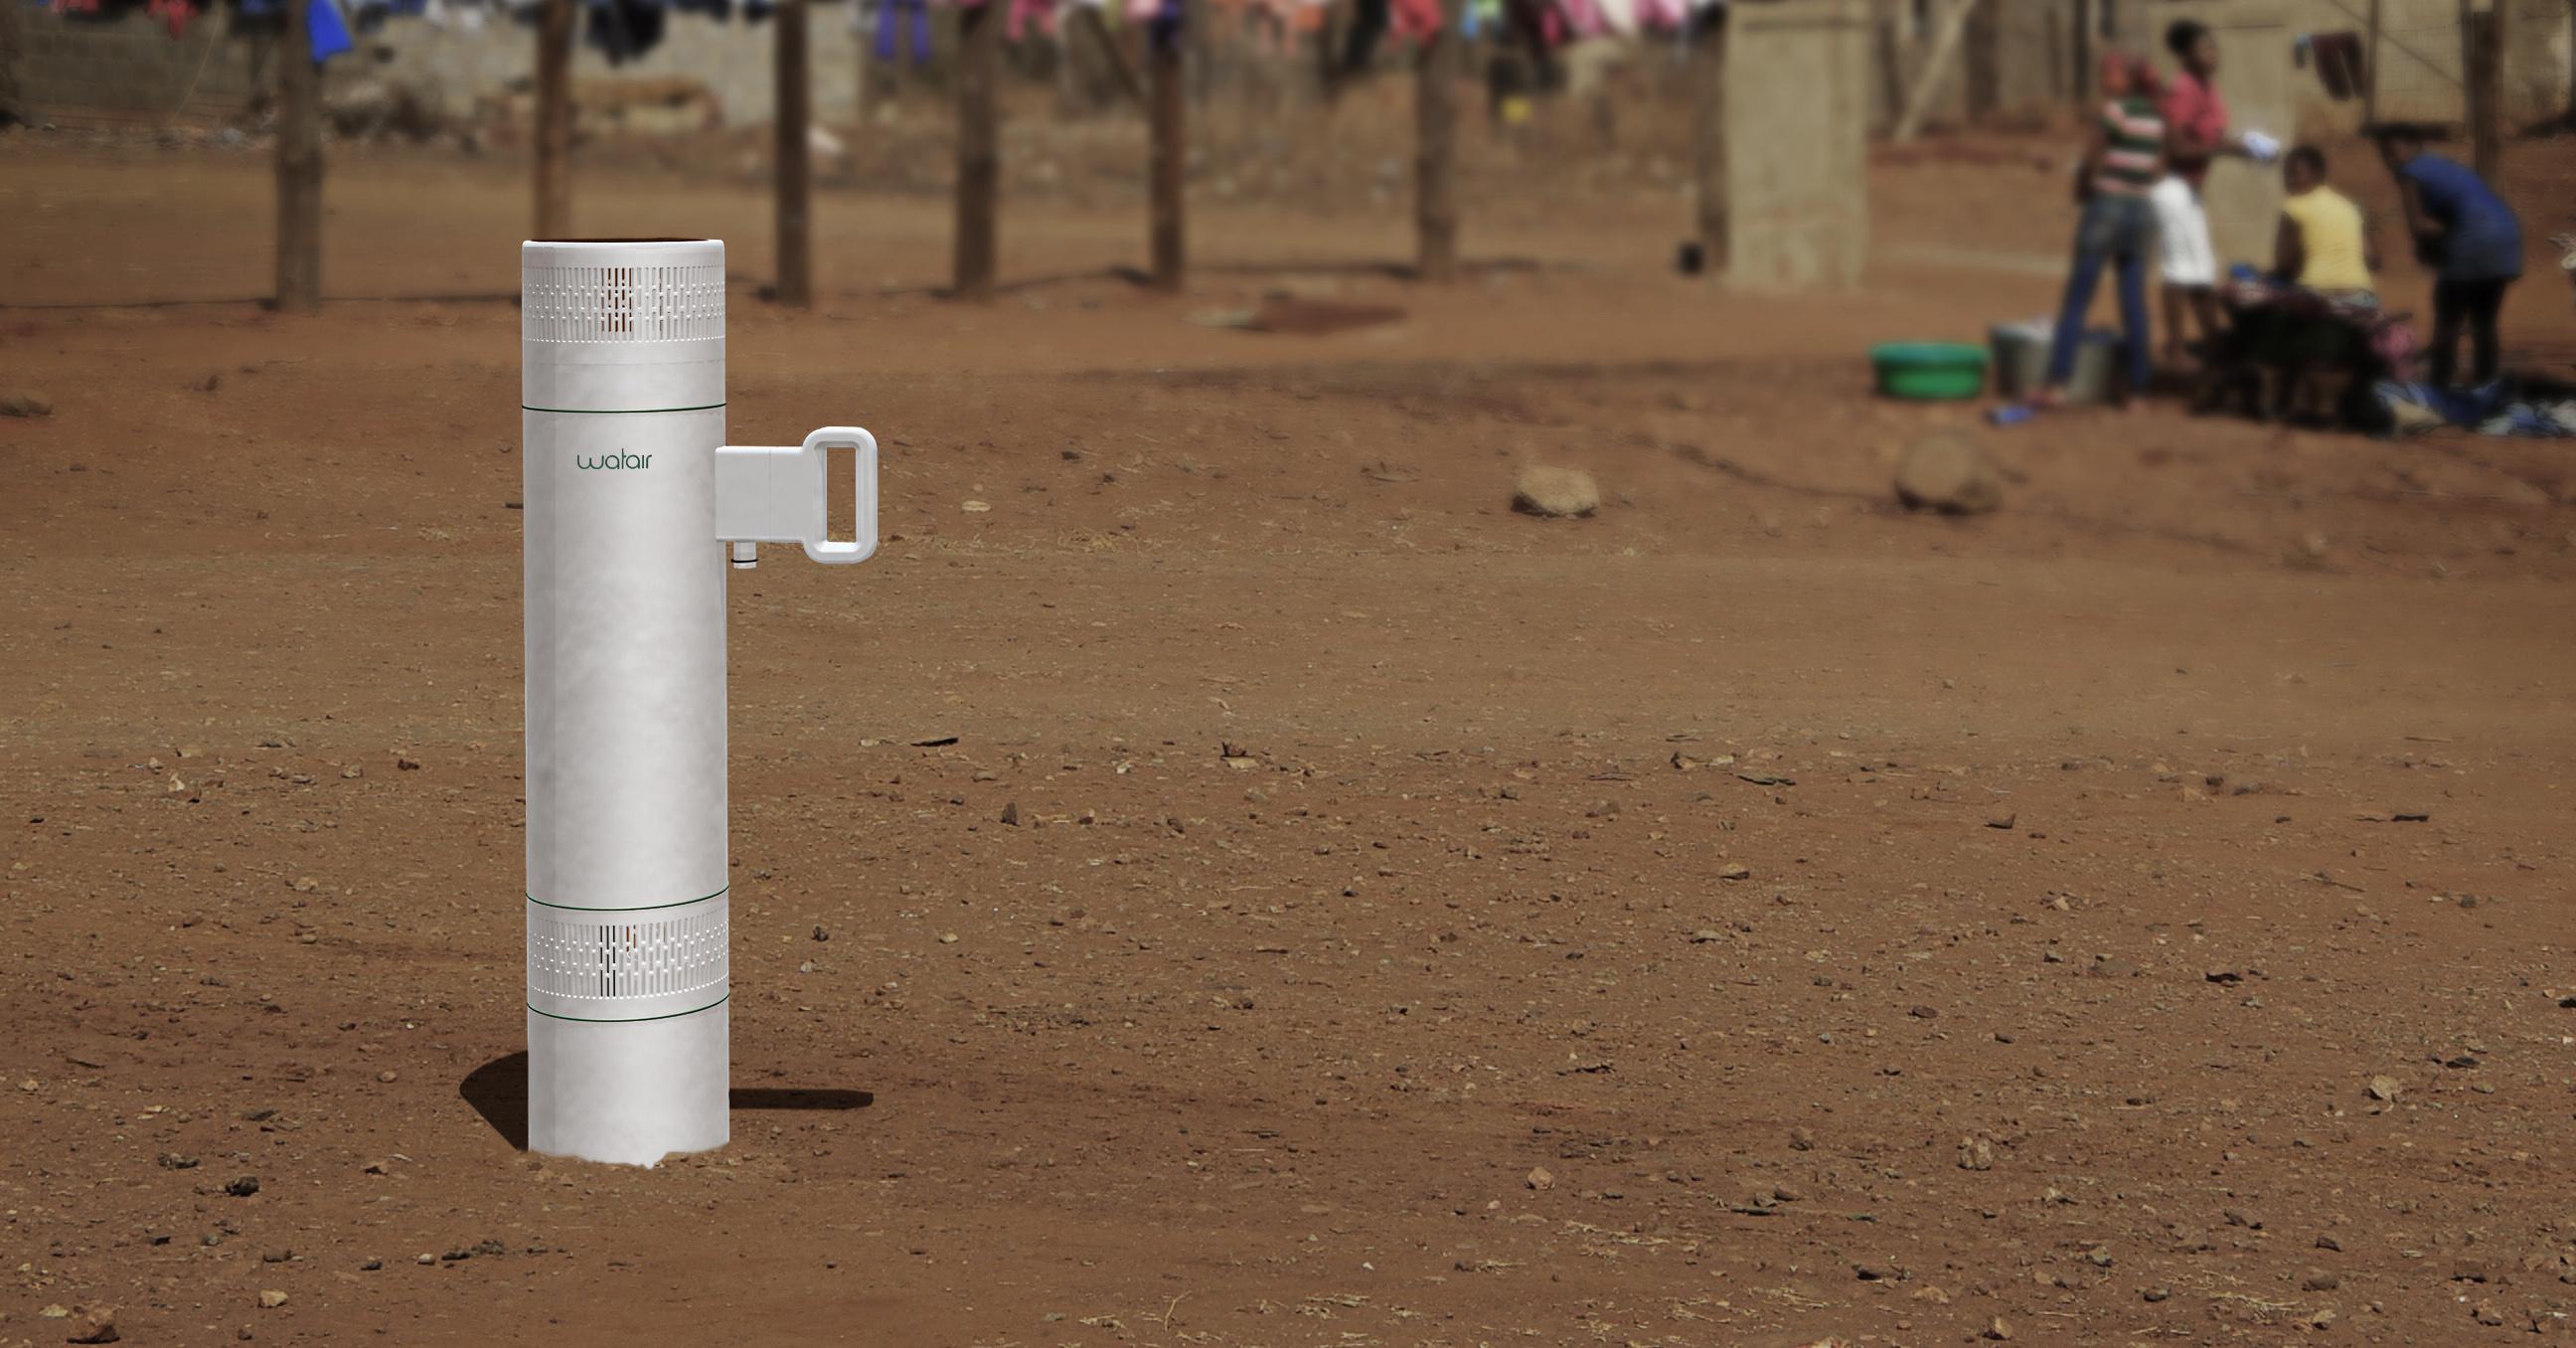 watair / Gerät zur Trinkwassergewinnung aus der Luft mittels Kondensation / Felix Meutzner & Jette Rienow